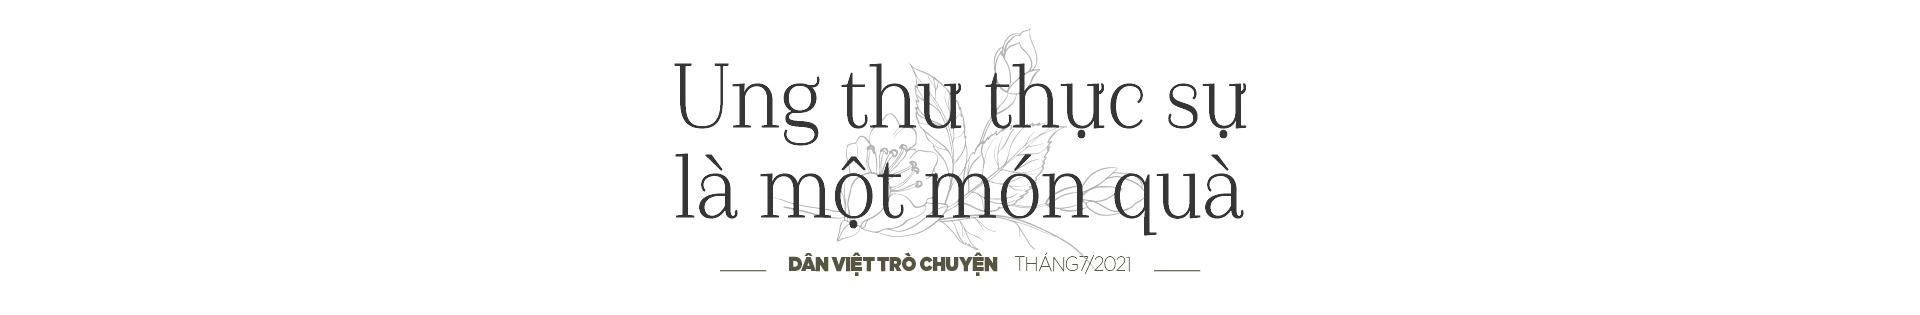 """Nguyễn Văn Phú – tác giả cuốn sách """"Bạn sinh ra để sống"""": """"Với tôi, ung thư là một món quà""""  - Ảnh 9."""